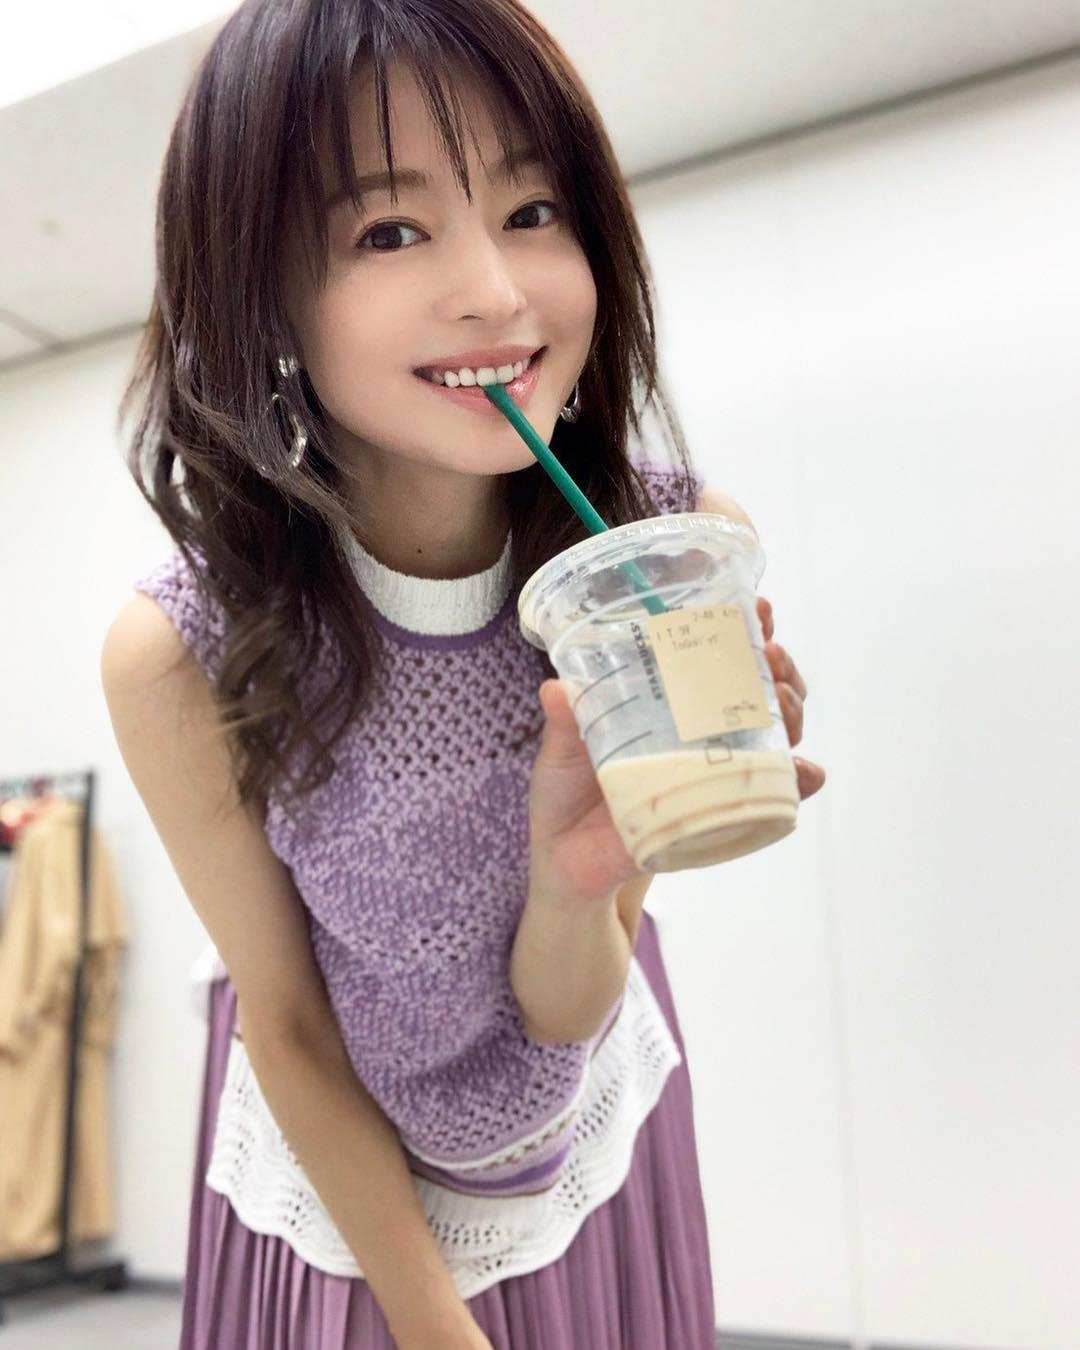 小林涼子 23